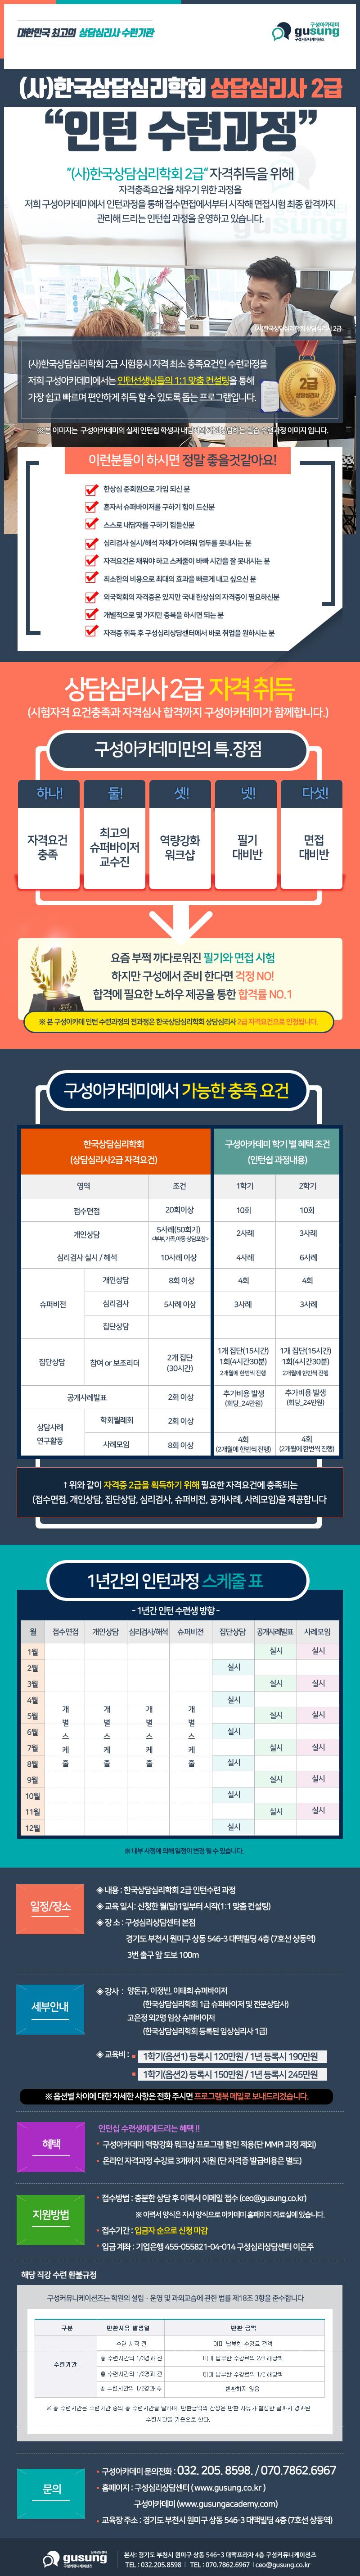 (사)한국상담심리학회 상담심리사 2급 7월11일.jpg